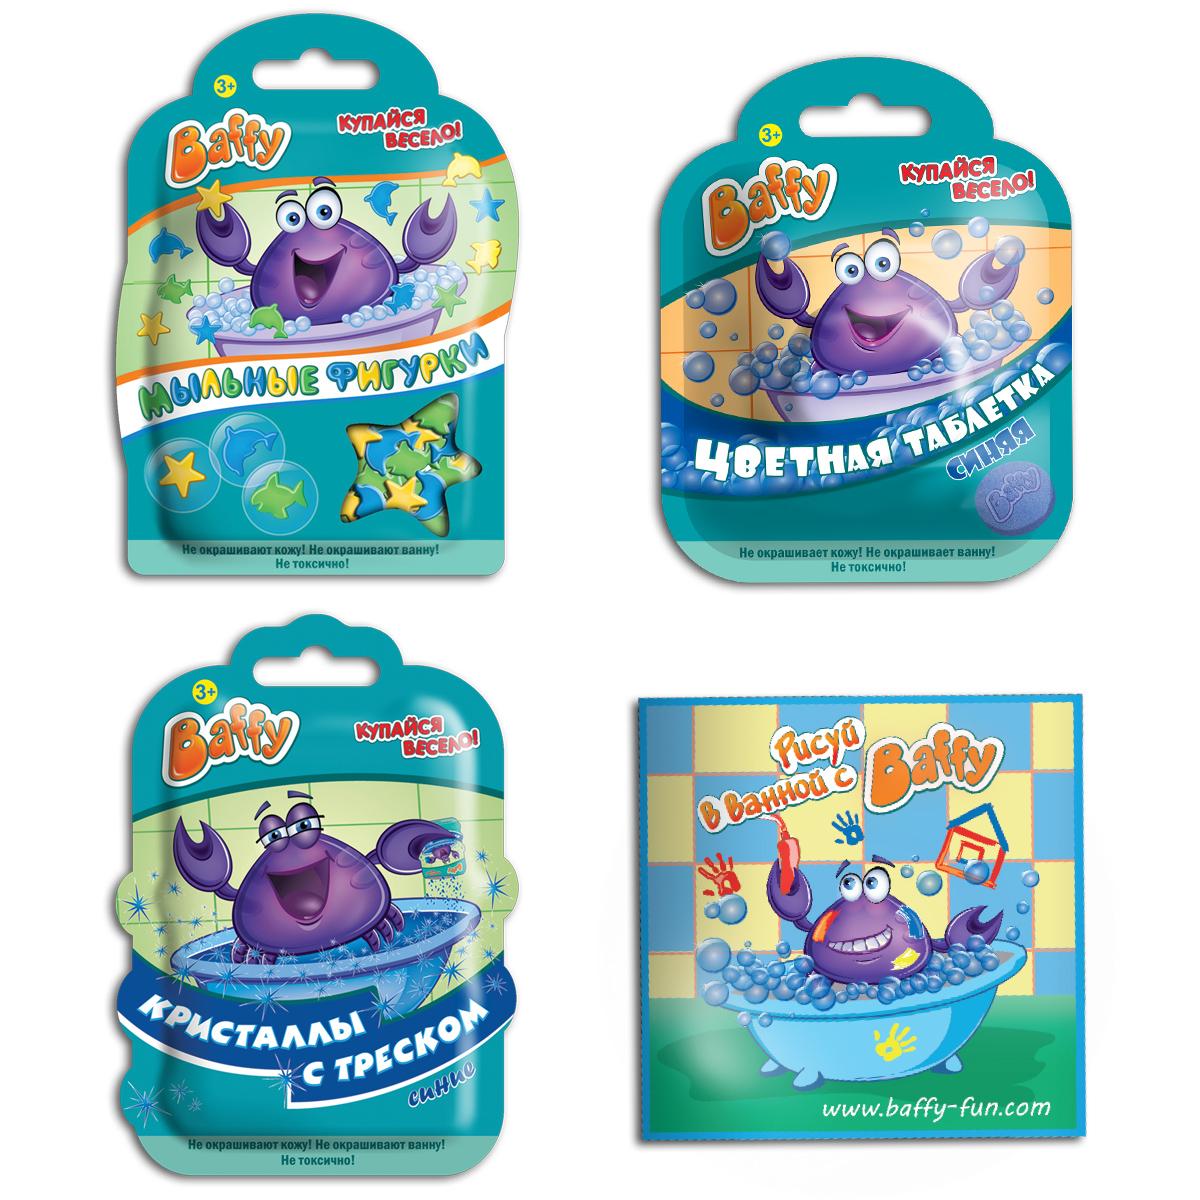 Baffy Набор средств для купания и веселья в ванной Party Set для мальчиковCPA-088Набор Baffy Party Set для веселья в ванной для мальчиков станет прекрасным подарком вашему ребенку к любому празднику! В комплект входит набор мыльных фигурок, цветная таблетка, два пакетика кристаллов с треском разных цветов и оригинальный стикер. Цветная таблетка окрасит воду, кристаллы с треском будут удивительно потрескивать при взаимодействии с водой, а мыльные фигурки можно клеить на нежную детскую кожу, украшать стенку ванны, высыпать в воду и играть с ними.С таким набором любое купание превратится в увлекательную и веселую игру!Товар сертифицирован.